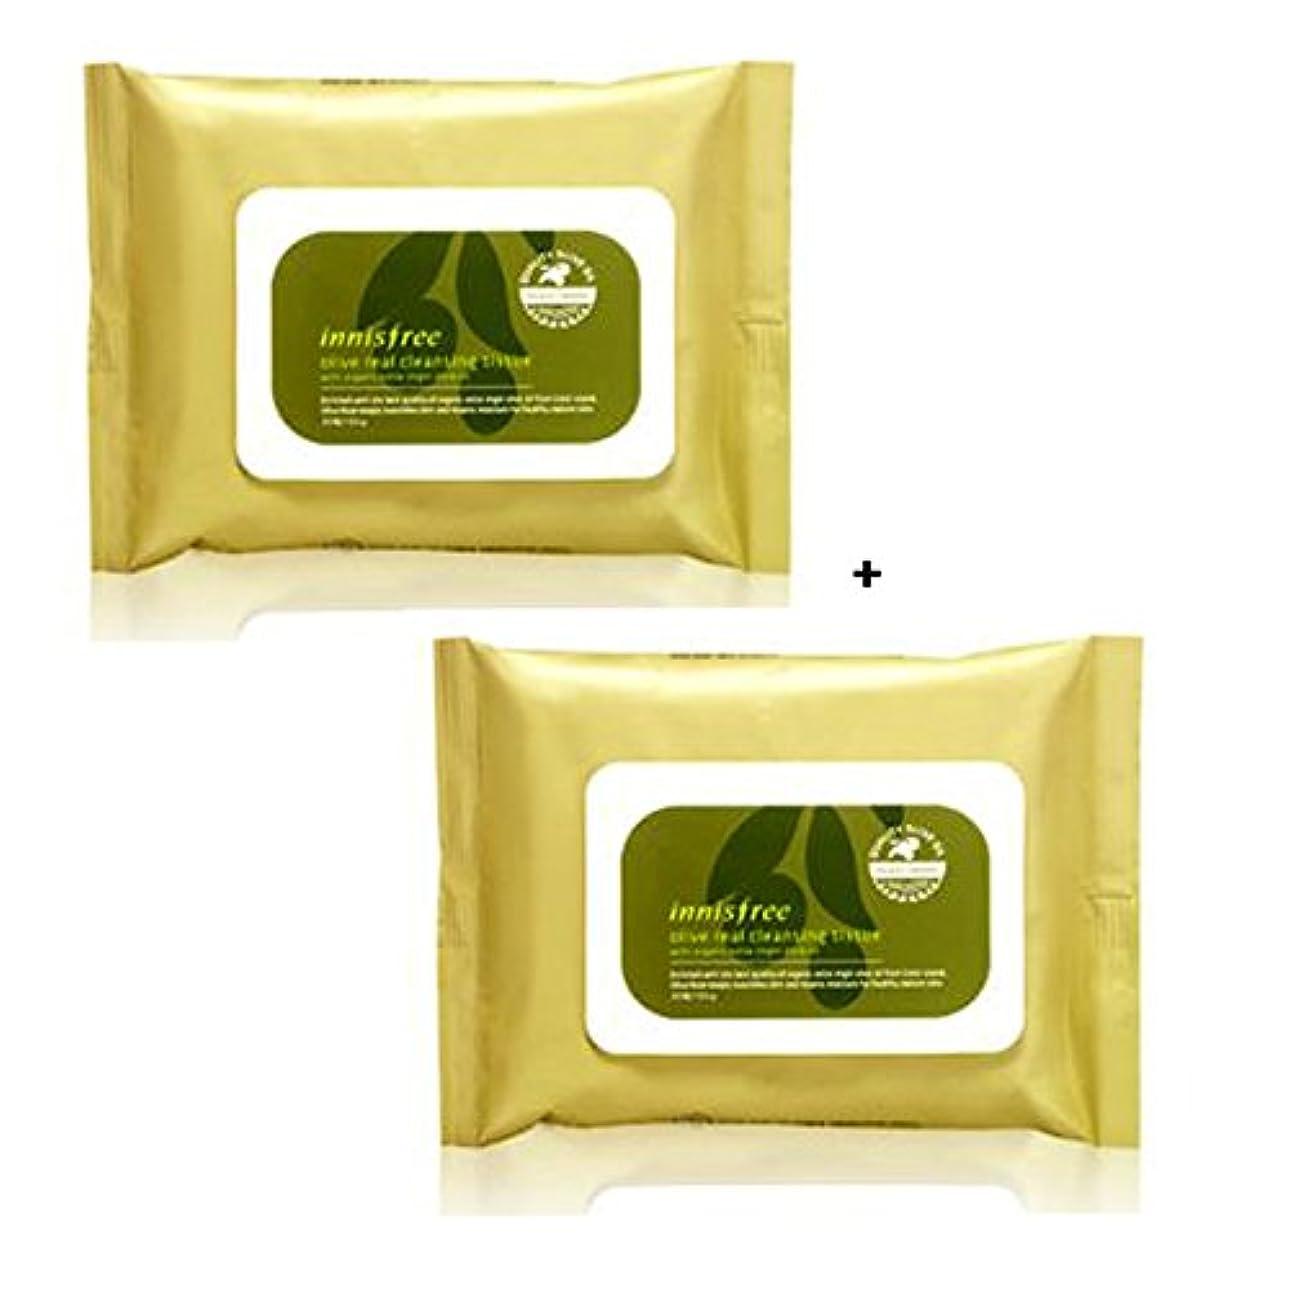 くびれた不定舞い上がるイニスフリー Innisfree オリーブリアル クレンジングティッシュ (30枚x2) Innisfree Olive Real Cleansing Tissue (30sheetsx2Pcs) [海外直送品]